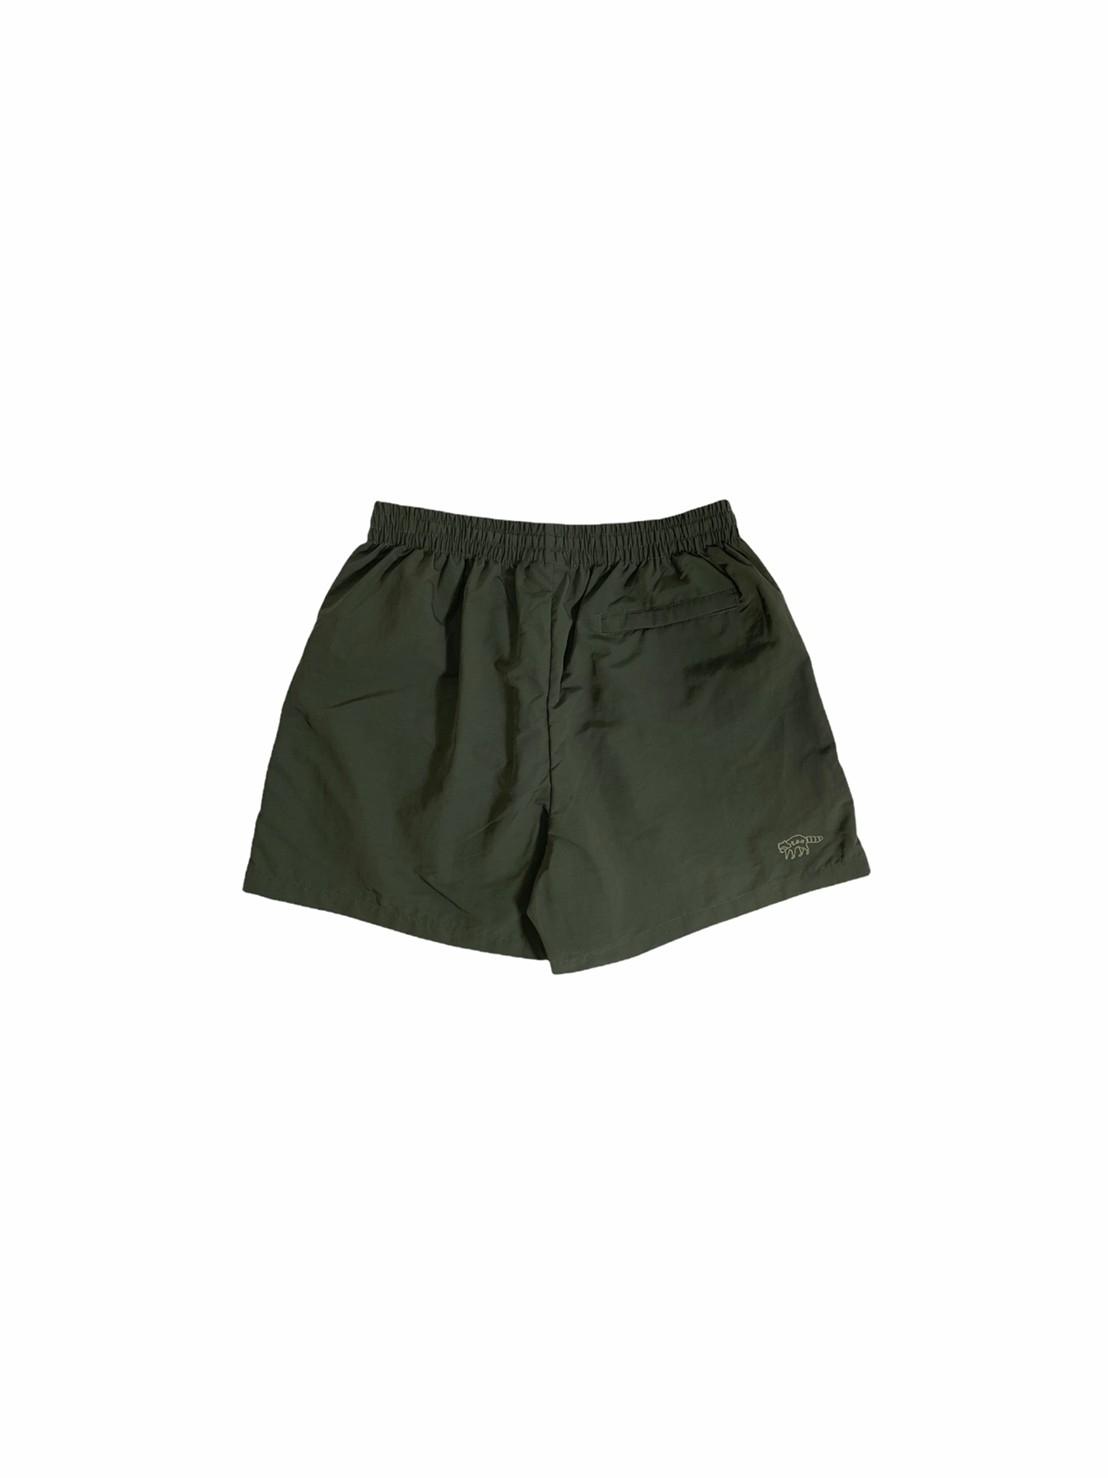 Nylon Outdoor Shorts (Green)